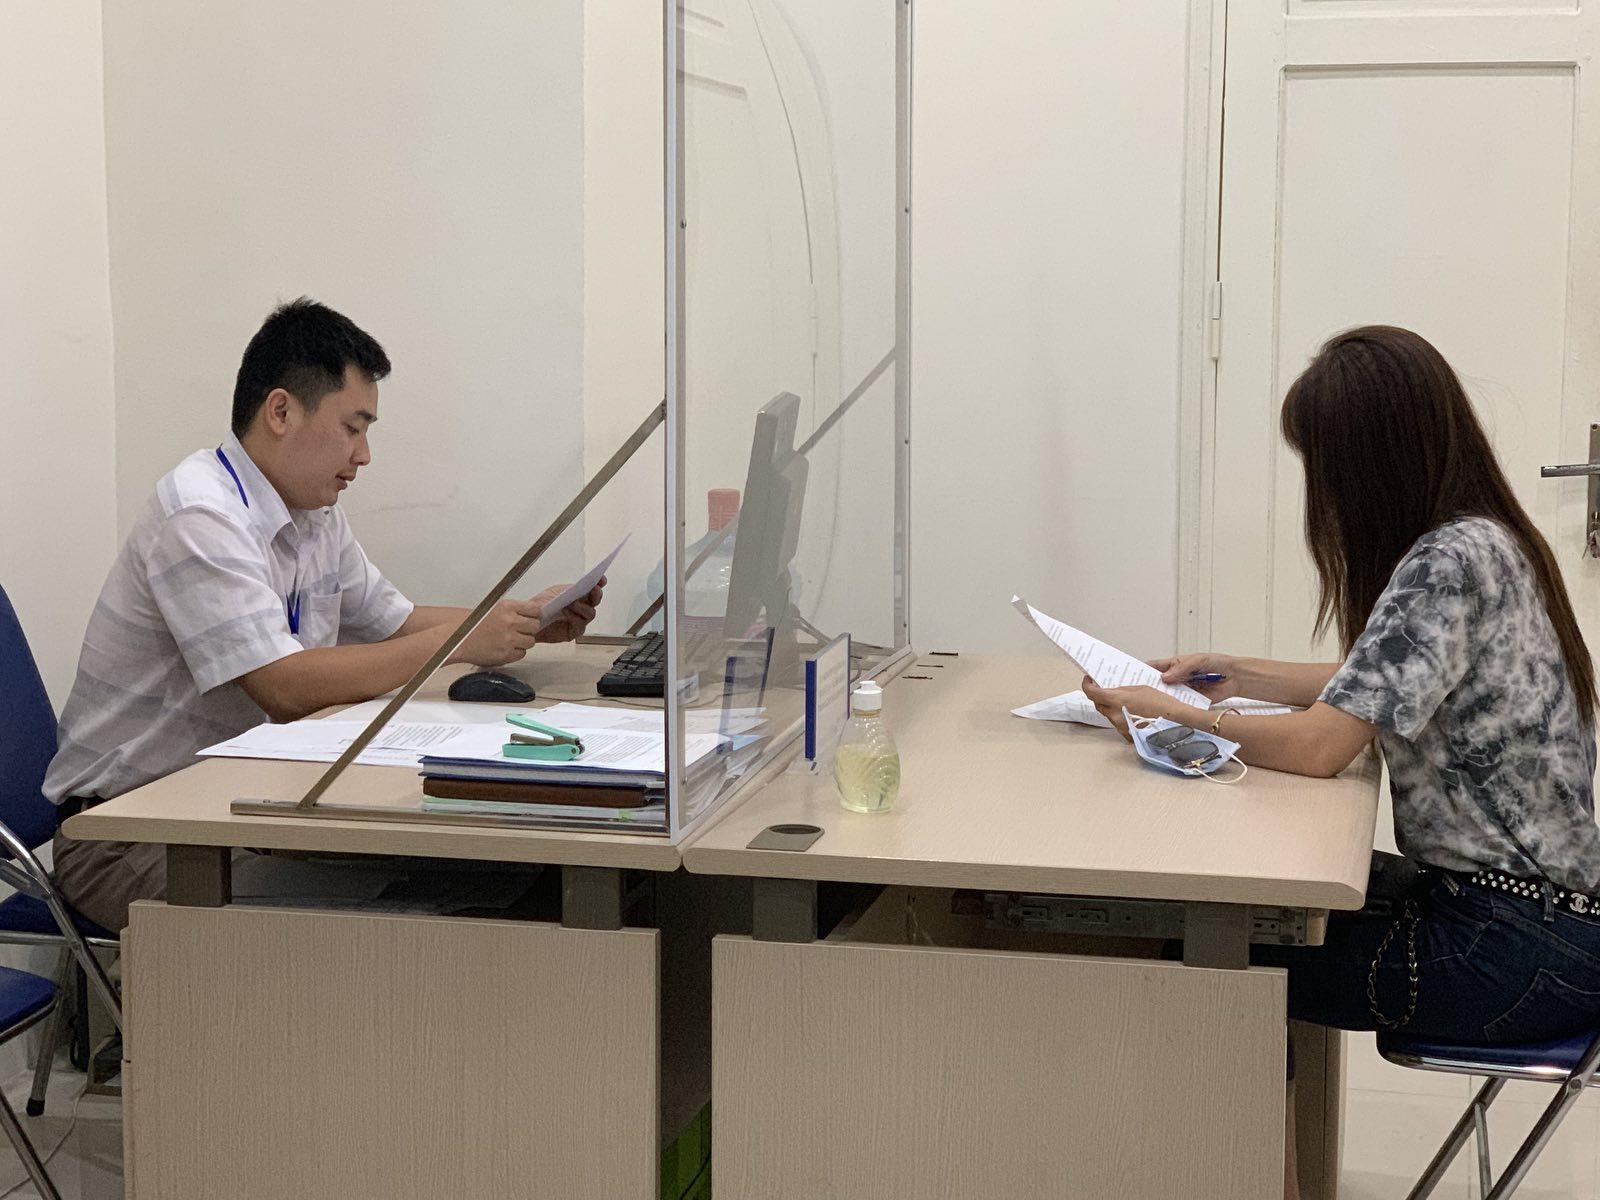 Hà Nội Xử phạt 5 tổ chức, cá nhân thông tin sai sự thật